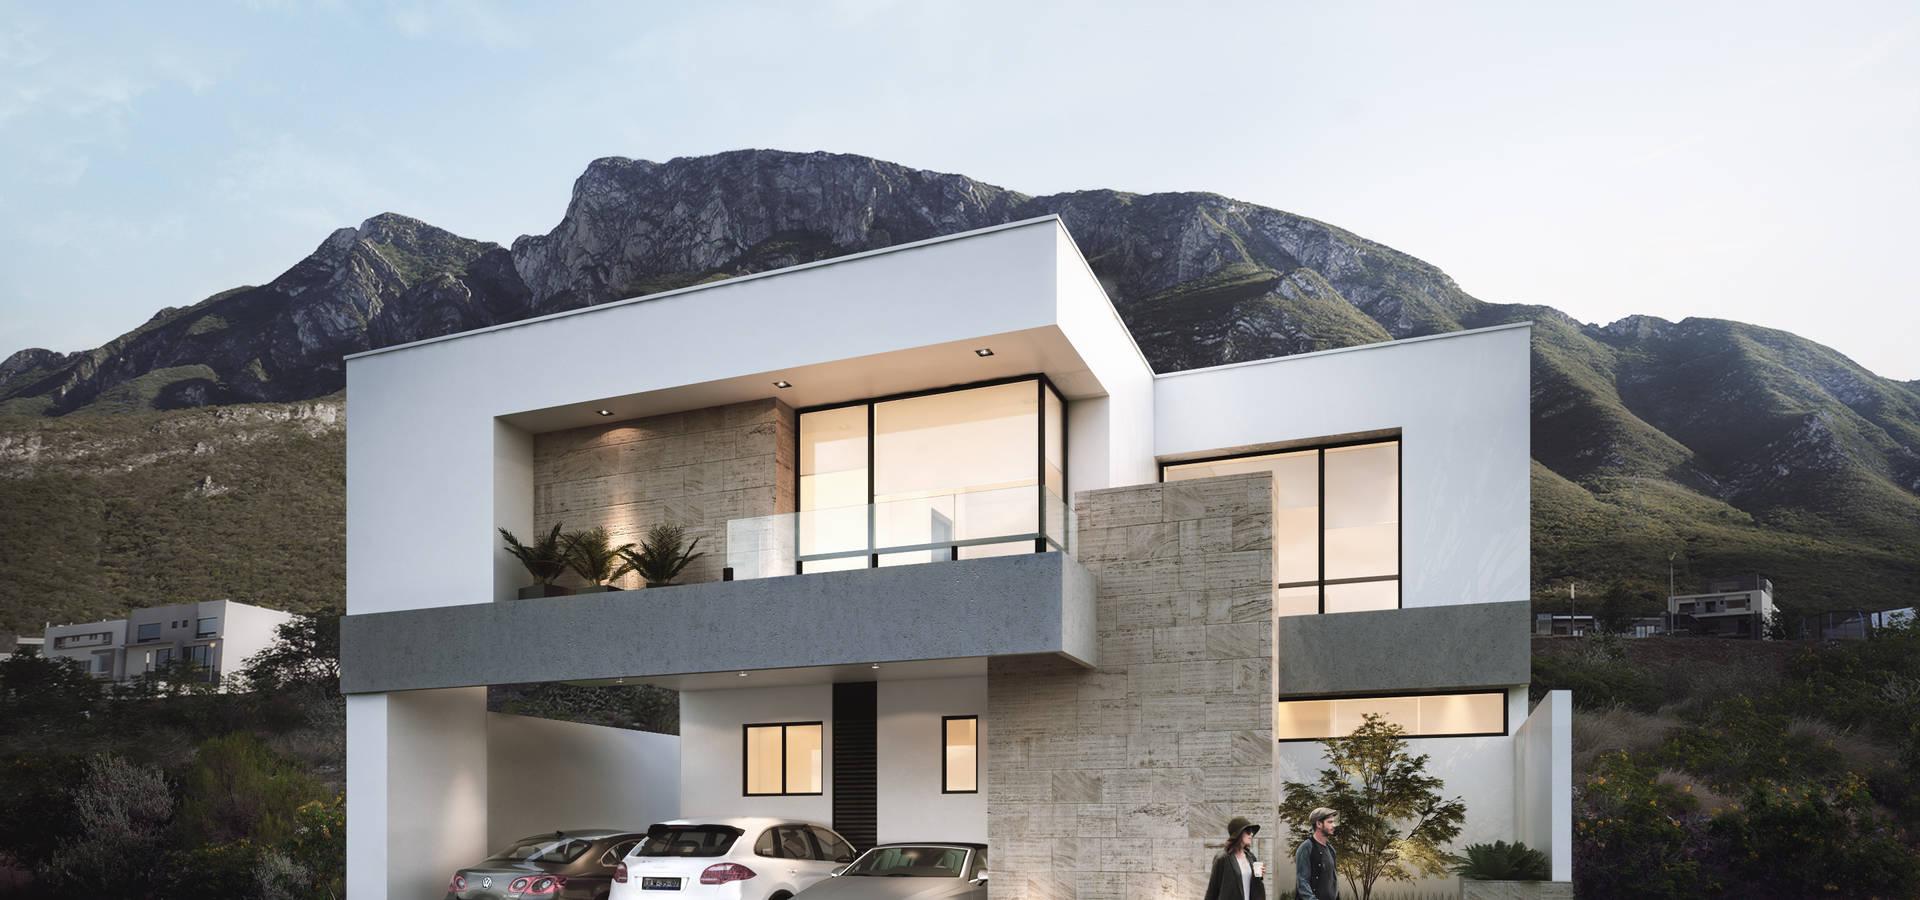 vivalia desarrollos arquitectos en monterrey homify